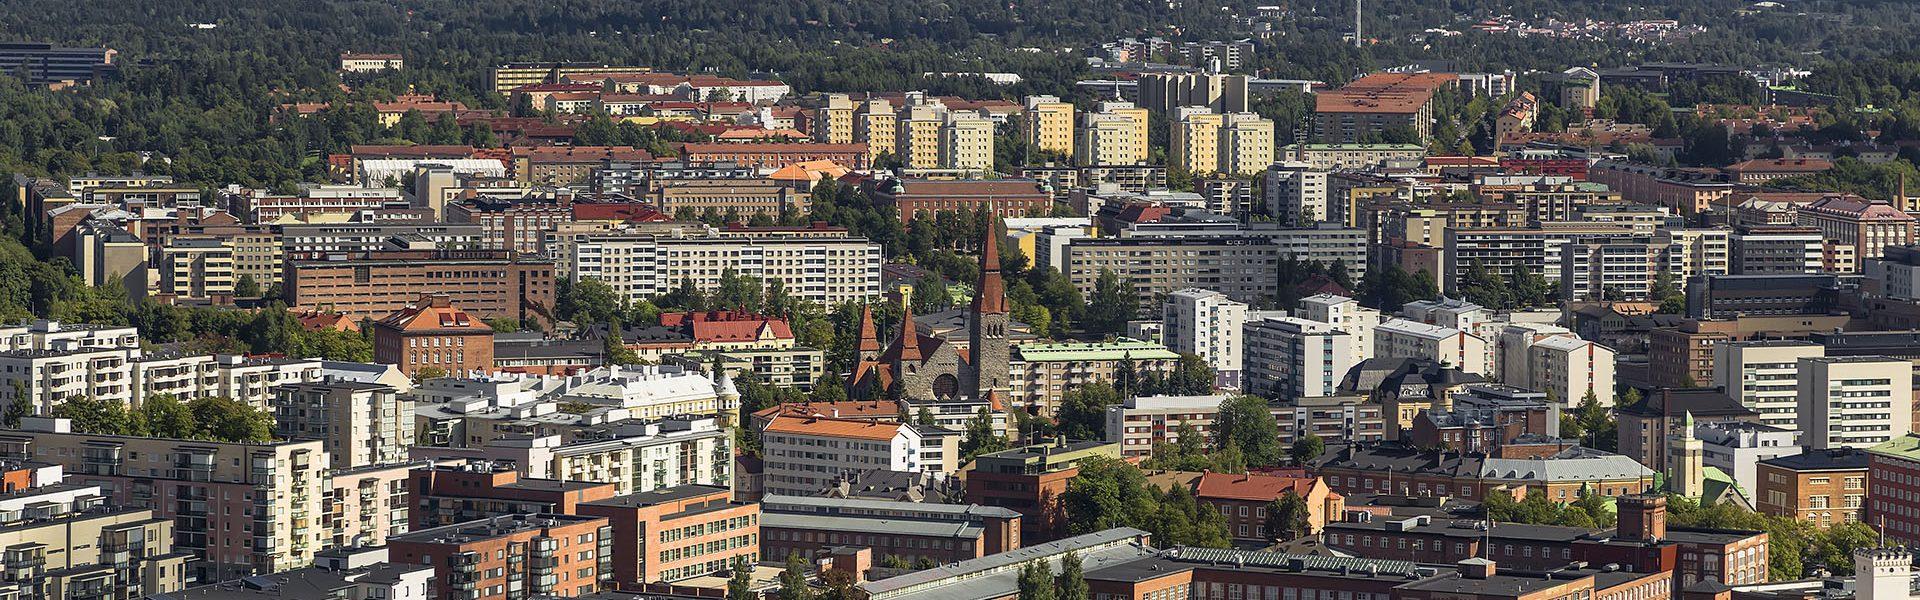 Kiinteistönhuoltopalvelut Tampereen seudulla